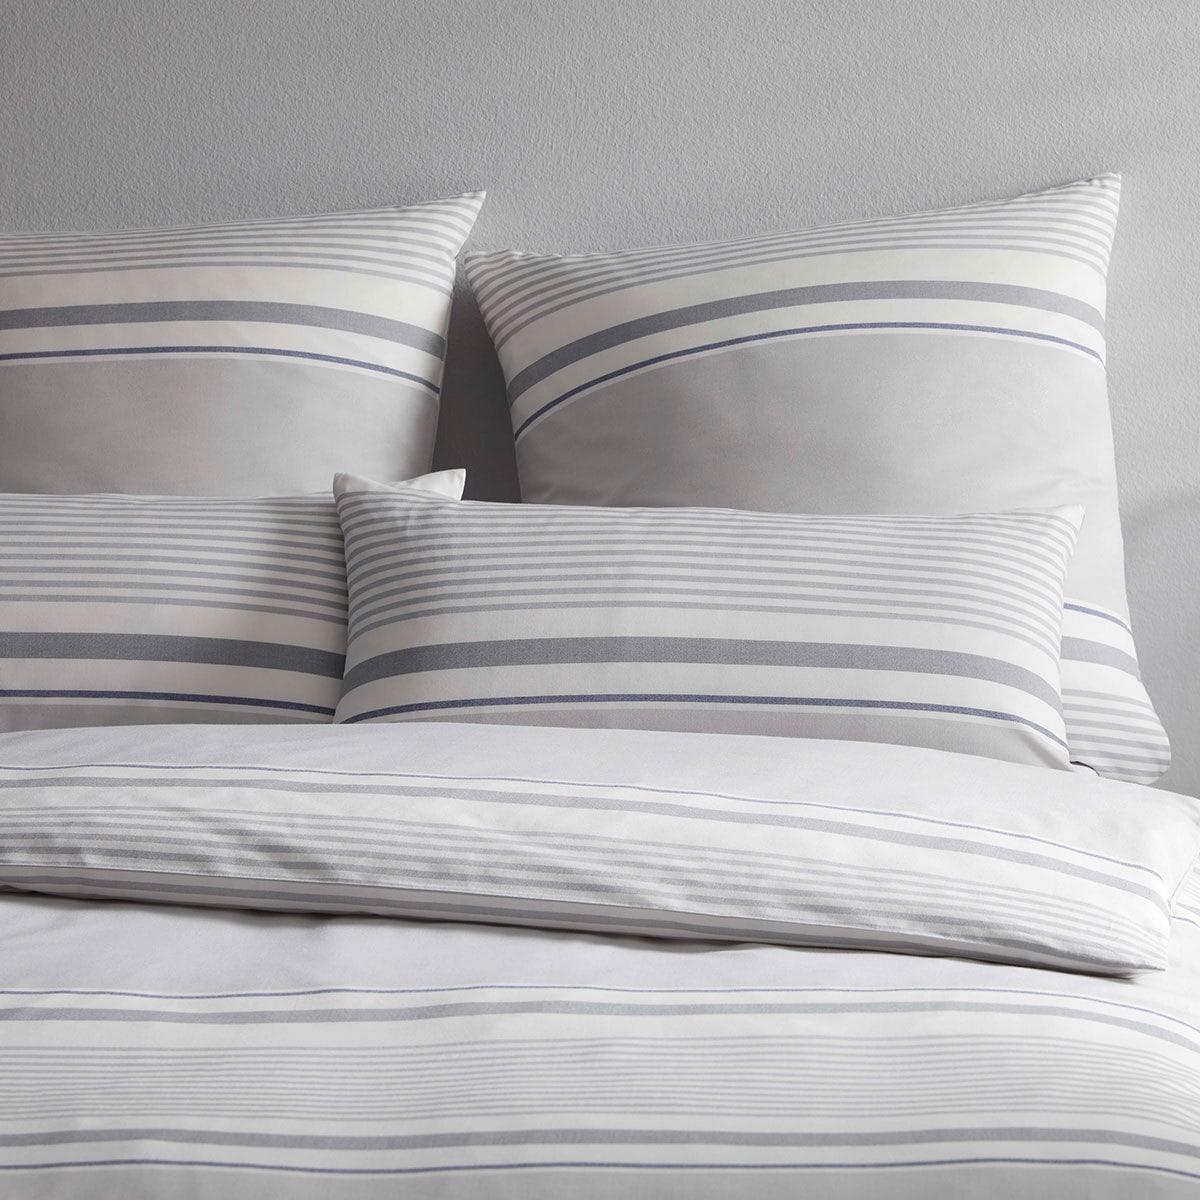 elegante piqu bettw sche comeback silver g nstig online kaufen bei bettwaren shop. Black Bedroom Furniture Sets. Home Design Ideas